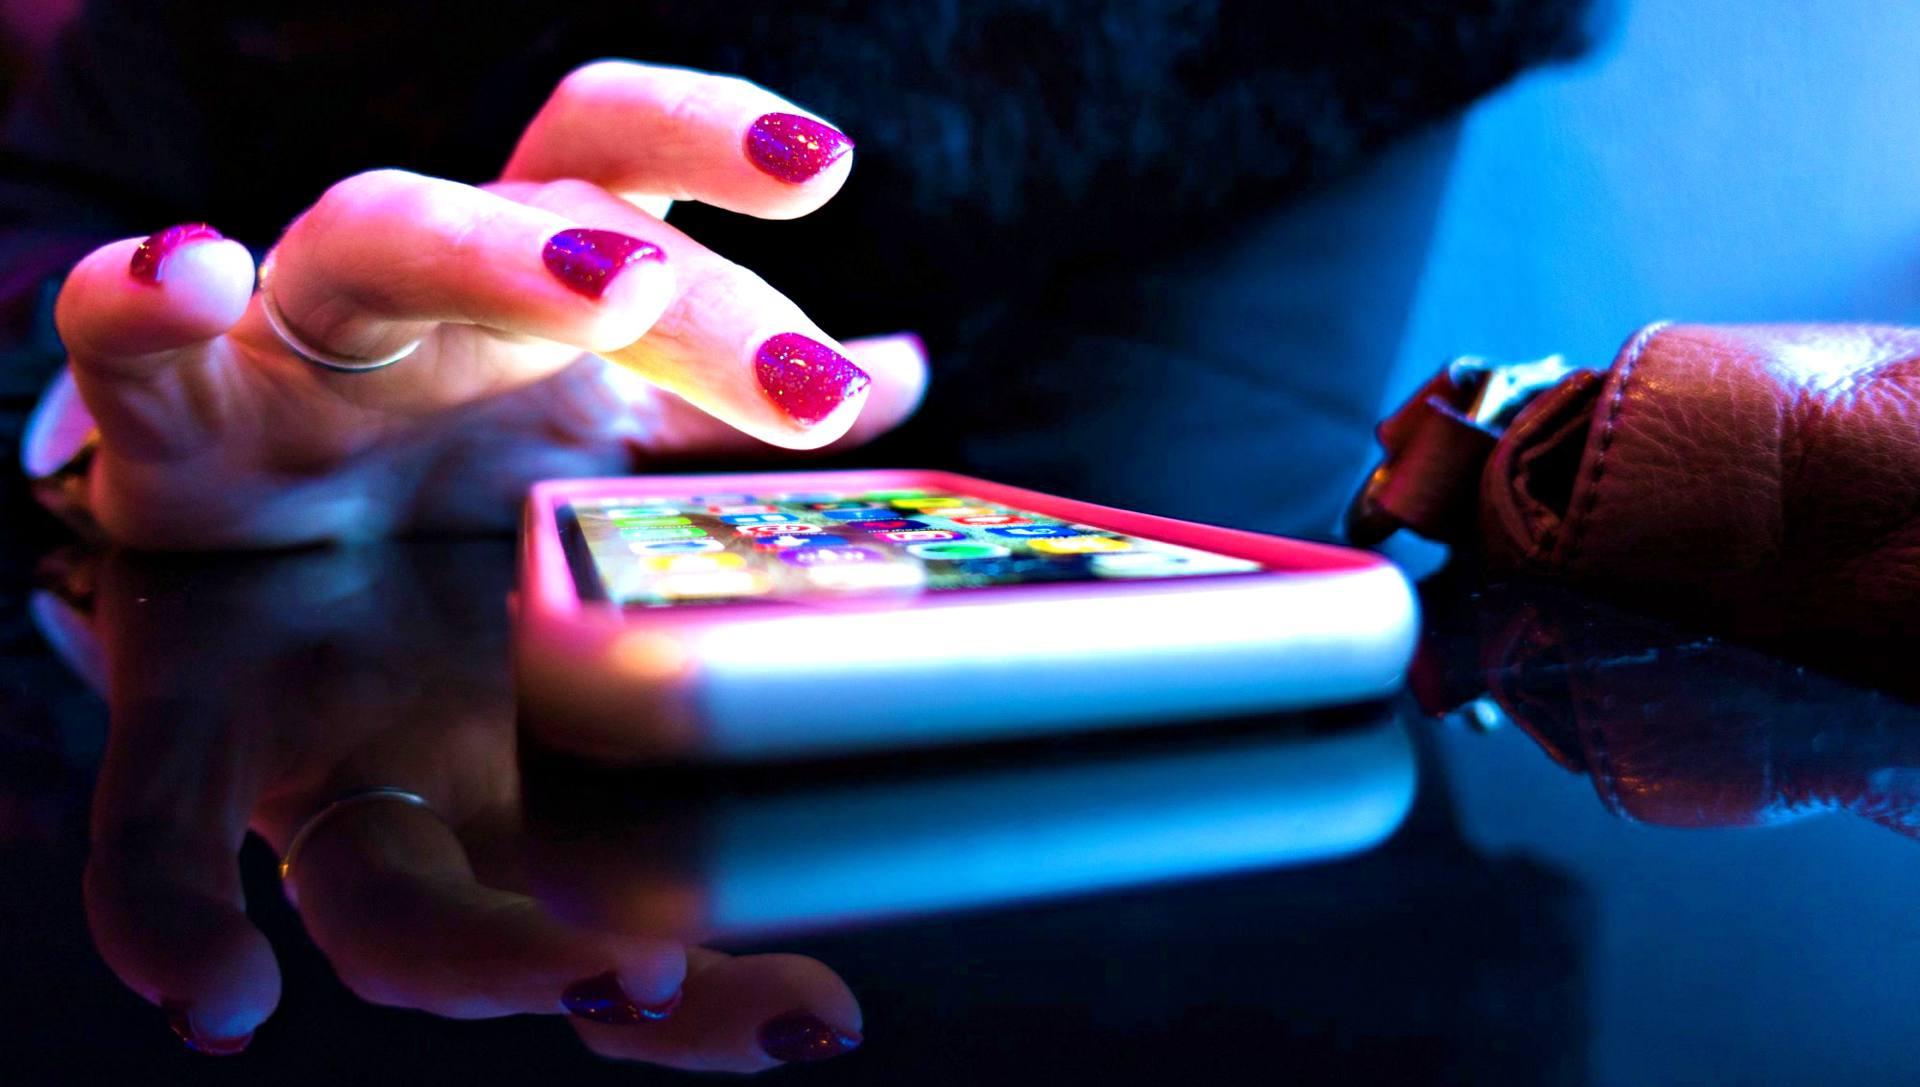 2 millió letöltött banki mobilalkalmazás Magyarországon